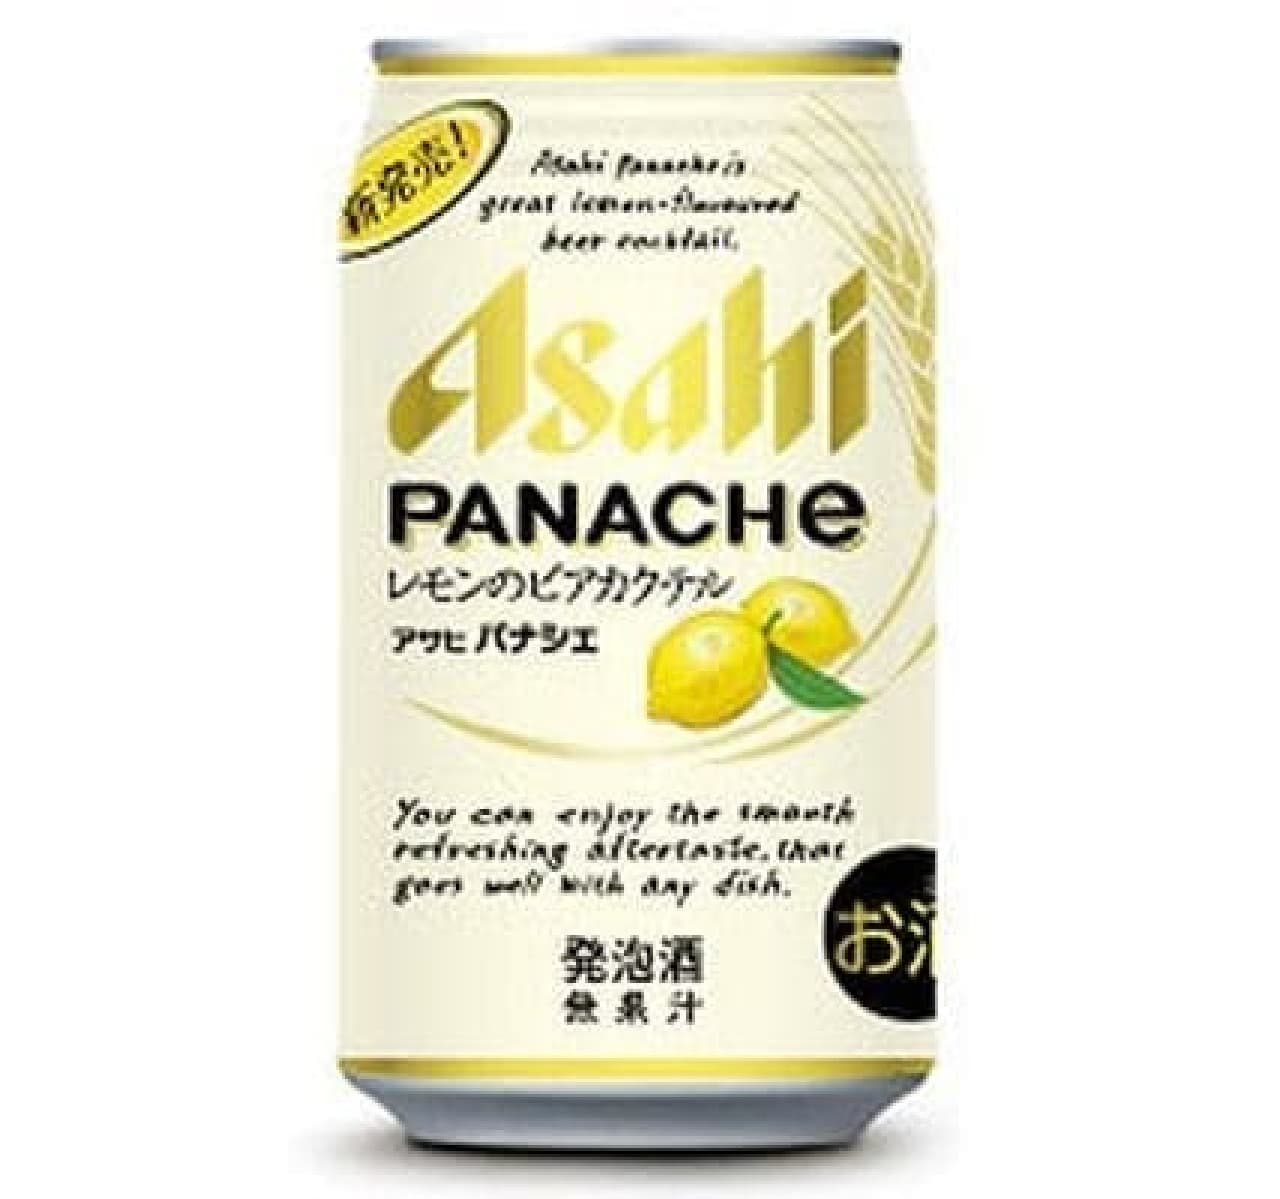 レモン風味のビアカクテル パナシェを、気軽に缶で